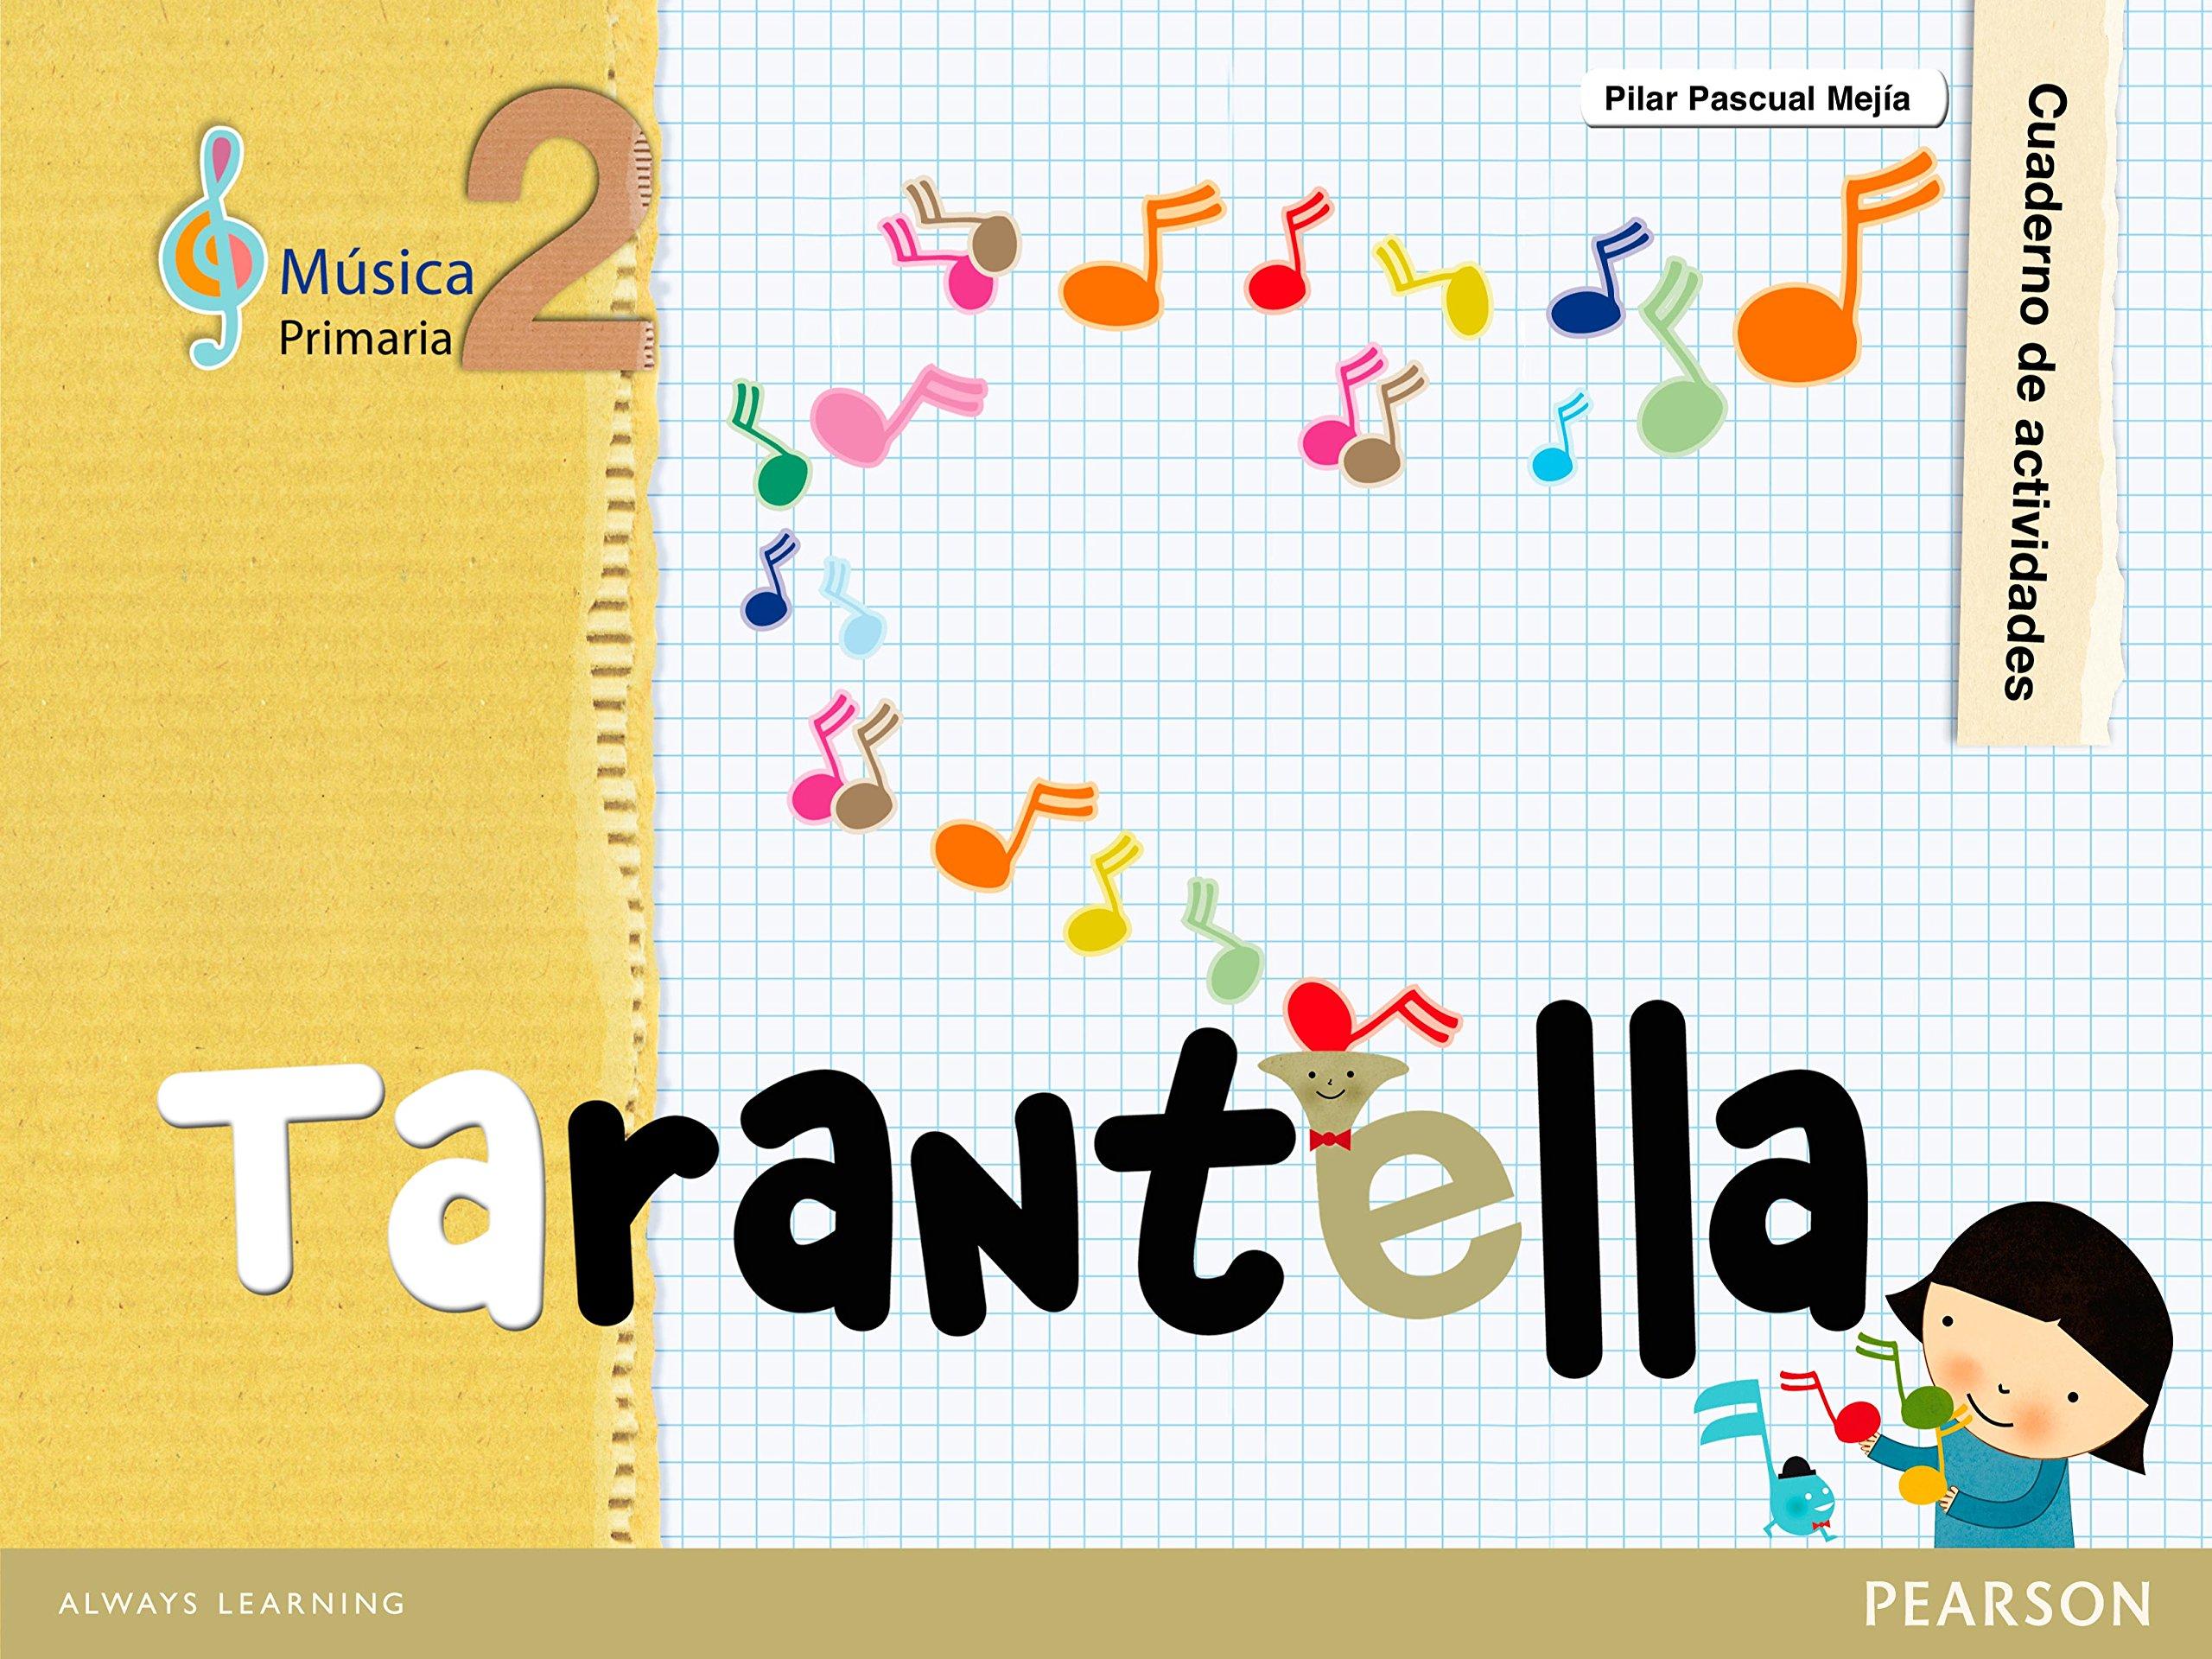 Tarantella 2 pack cuaderno actividades + 2 Audio CD - 9788420557564: Amazon.es: Pascual Mejía, Pilar: Libros